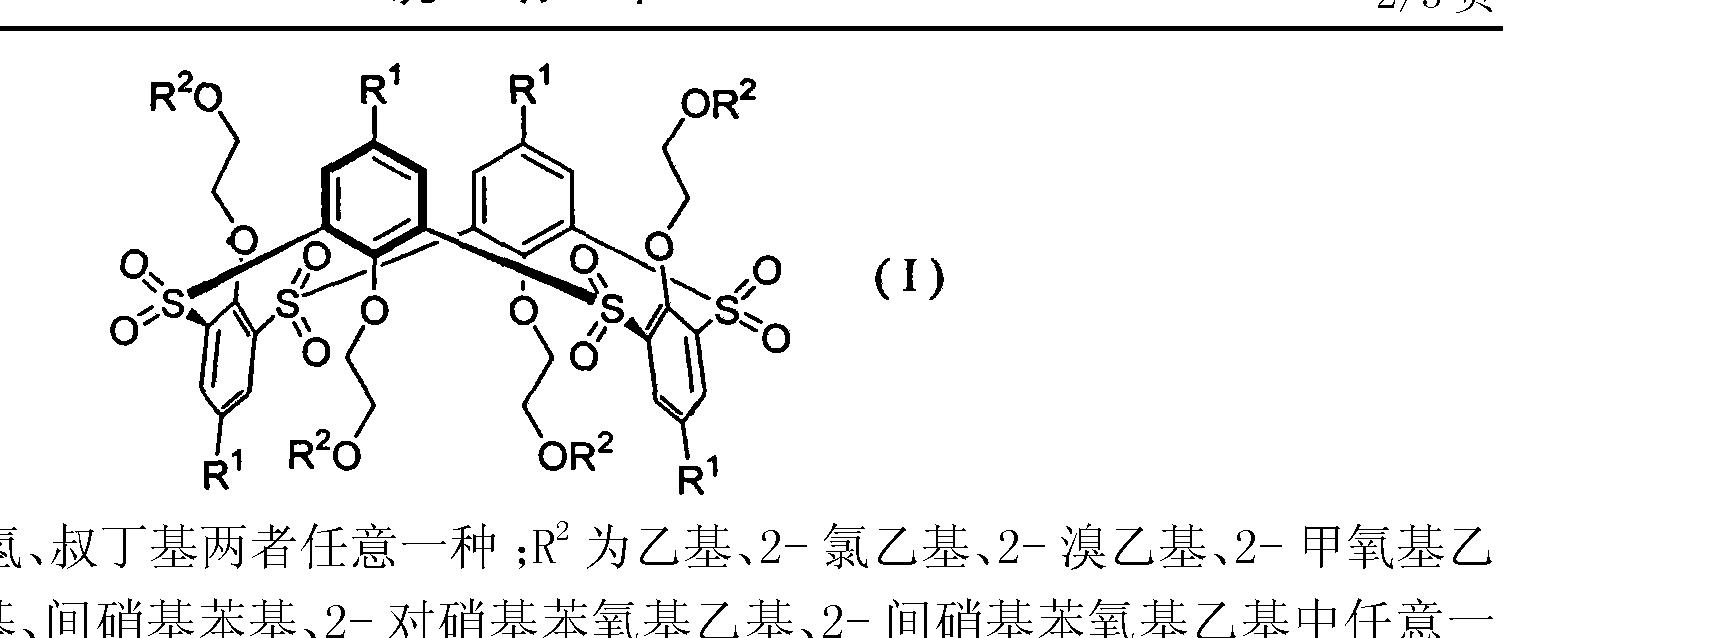 由于方法(i)和(2)所使用的过硼酸钠(nabo3)和间氯过氧苯甲酸(mcpba)都